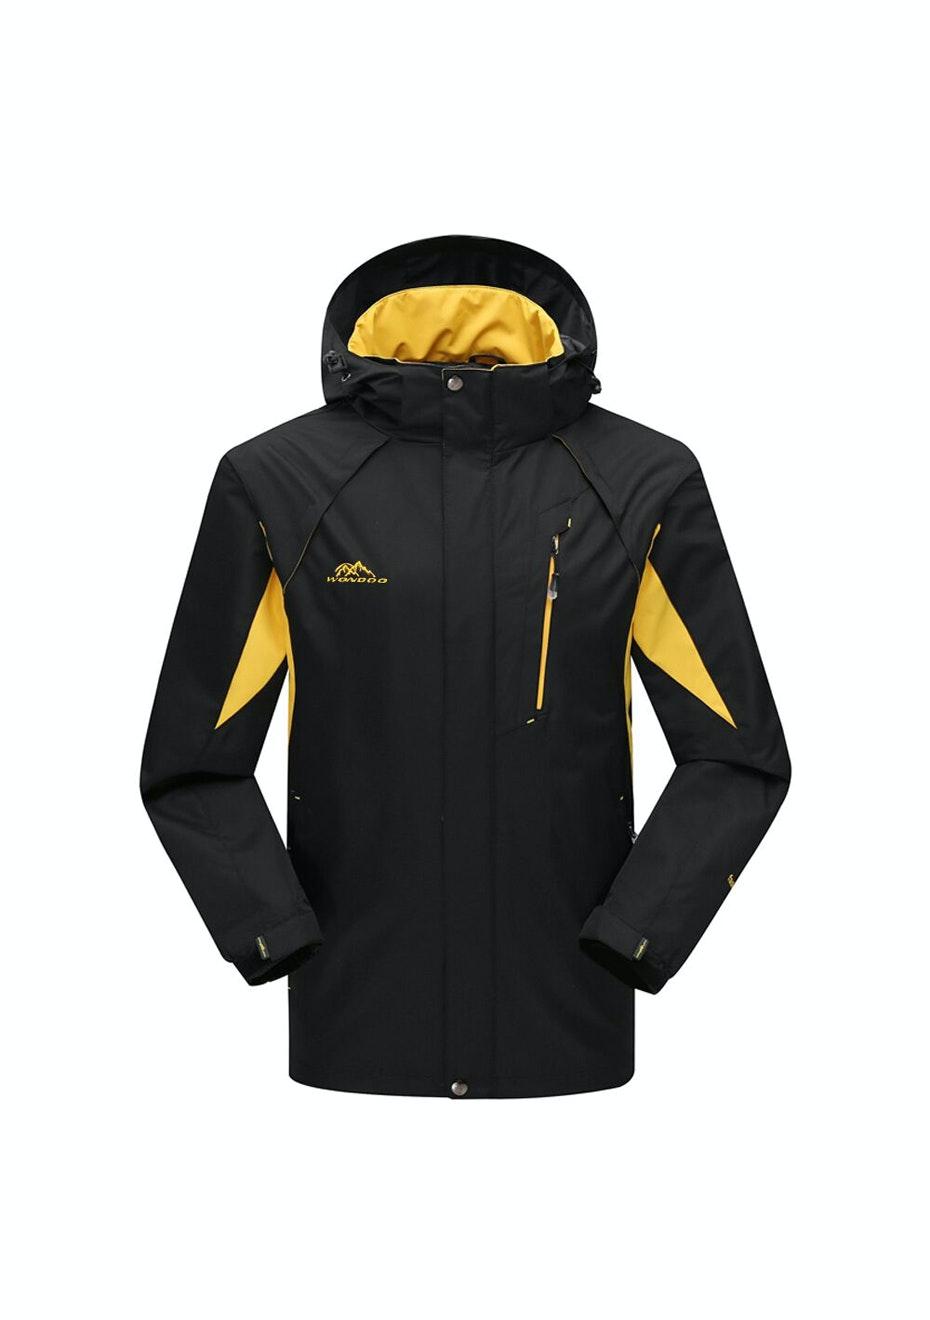 Men 2-in-1 WaterProof Jackets - Black / Yellow